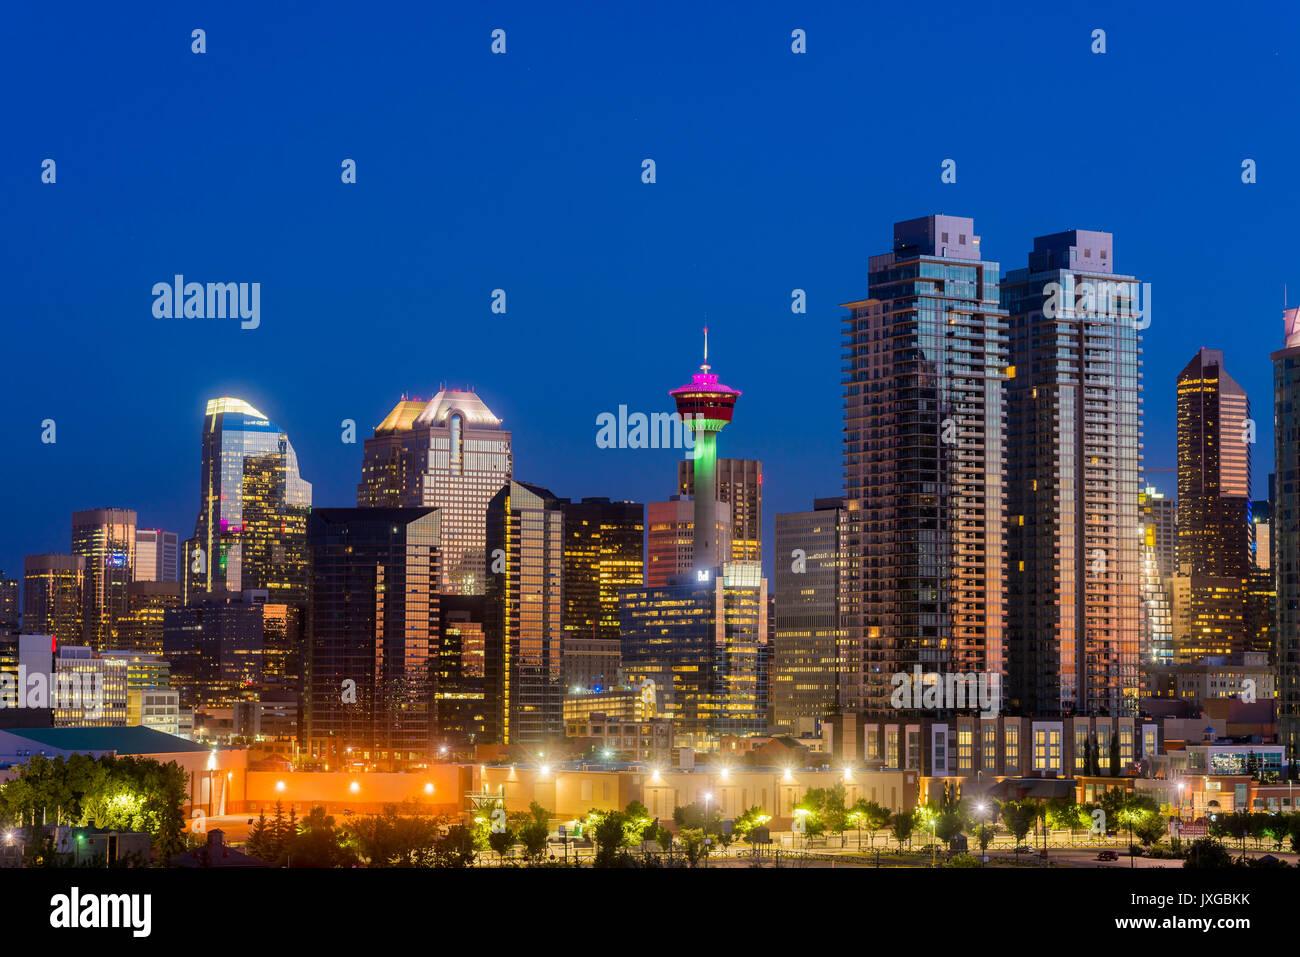 Die Skyline der Innenstadt, Calgary, Alberta, Kanada Stockbild